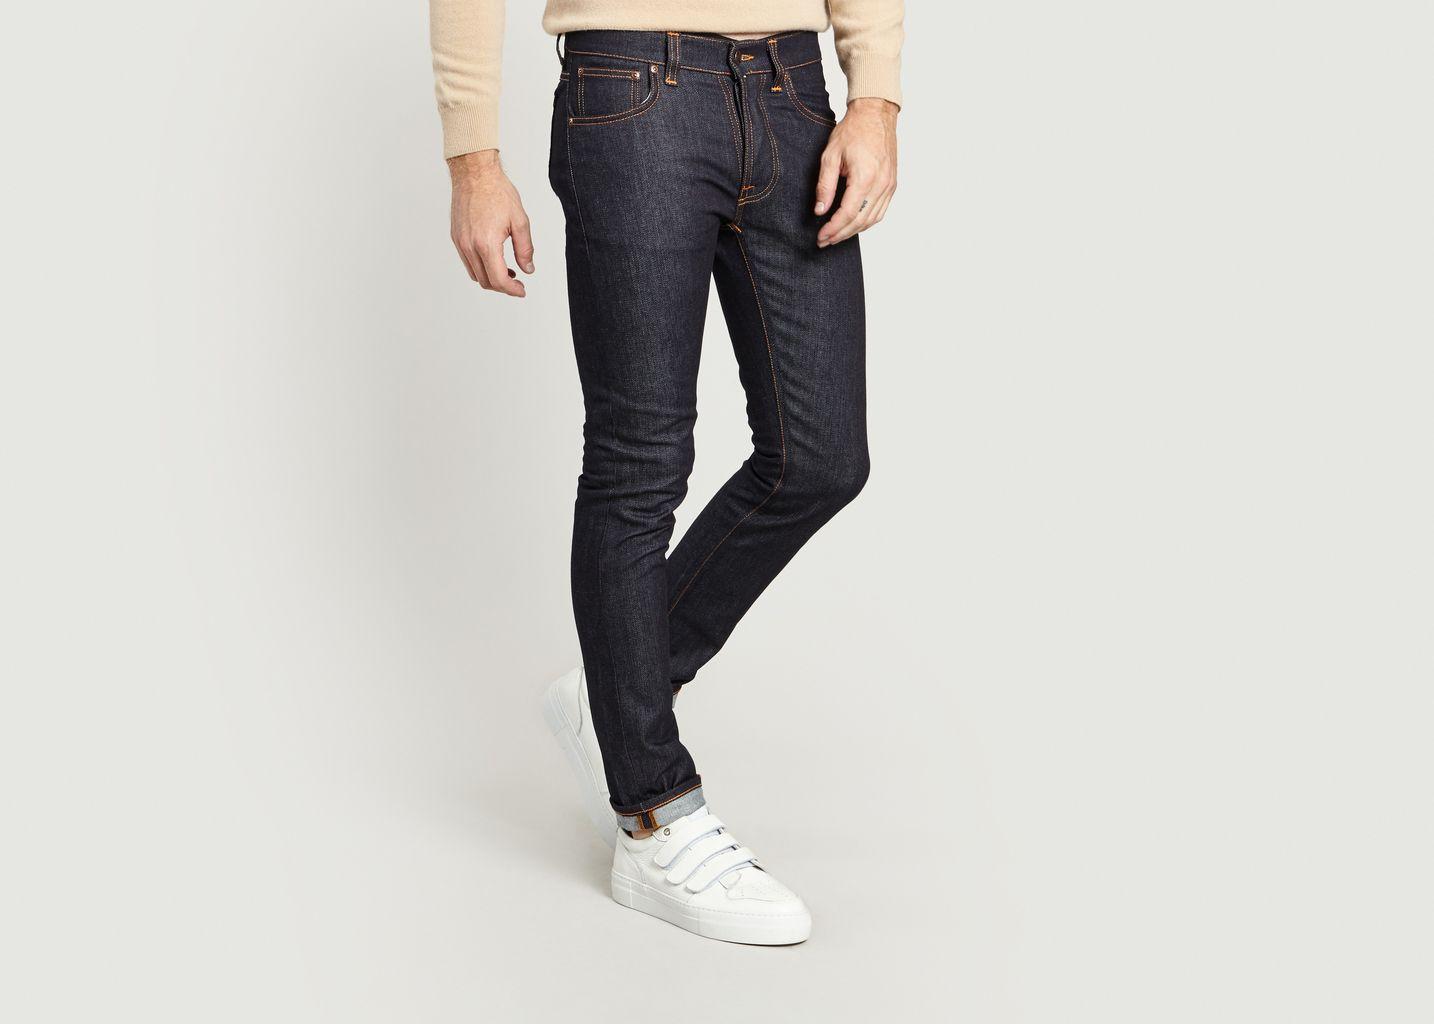 Jean Tilted Tor - Nudie Jeans